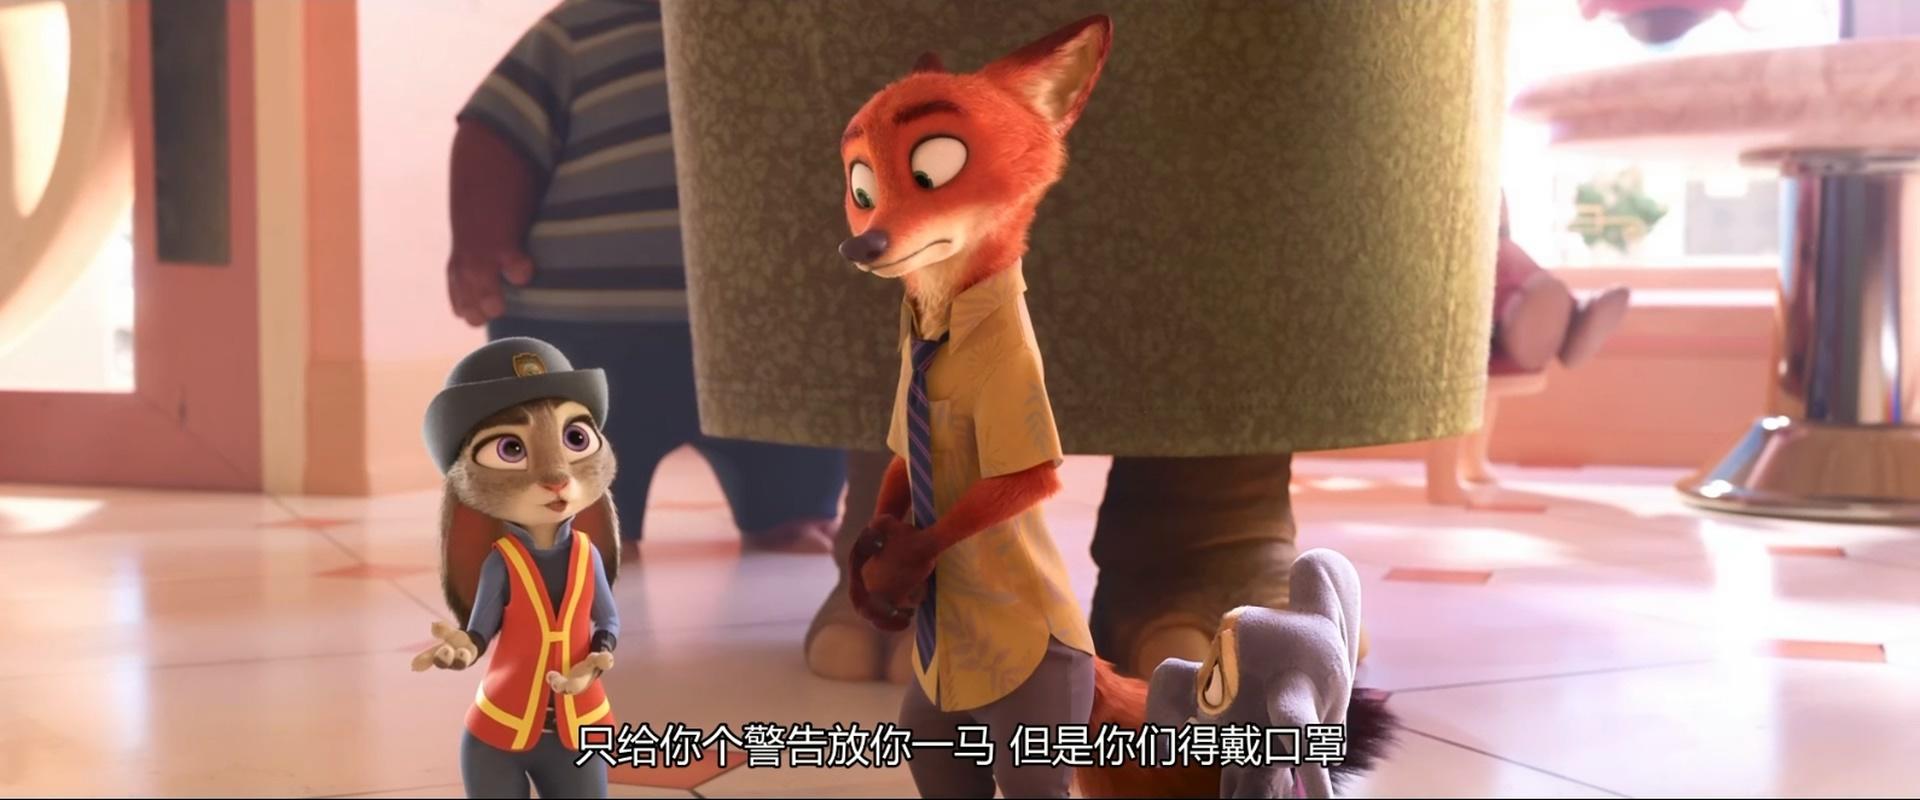 喜剧-2016.疯狂动物城国语版 超清1080P 中文字幕 mp4下载图片 No.3